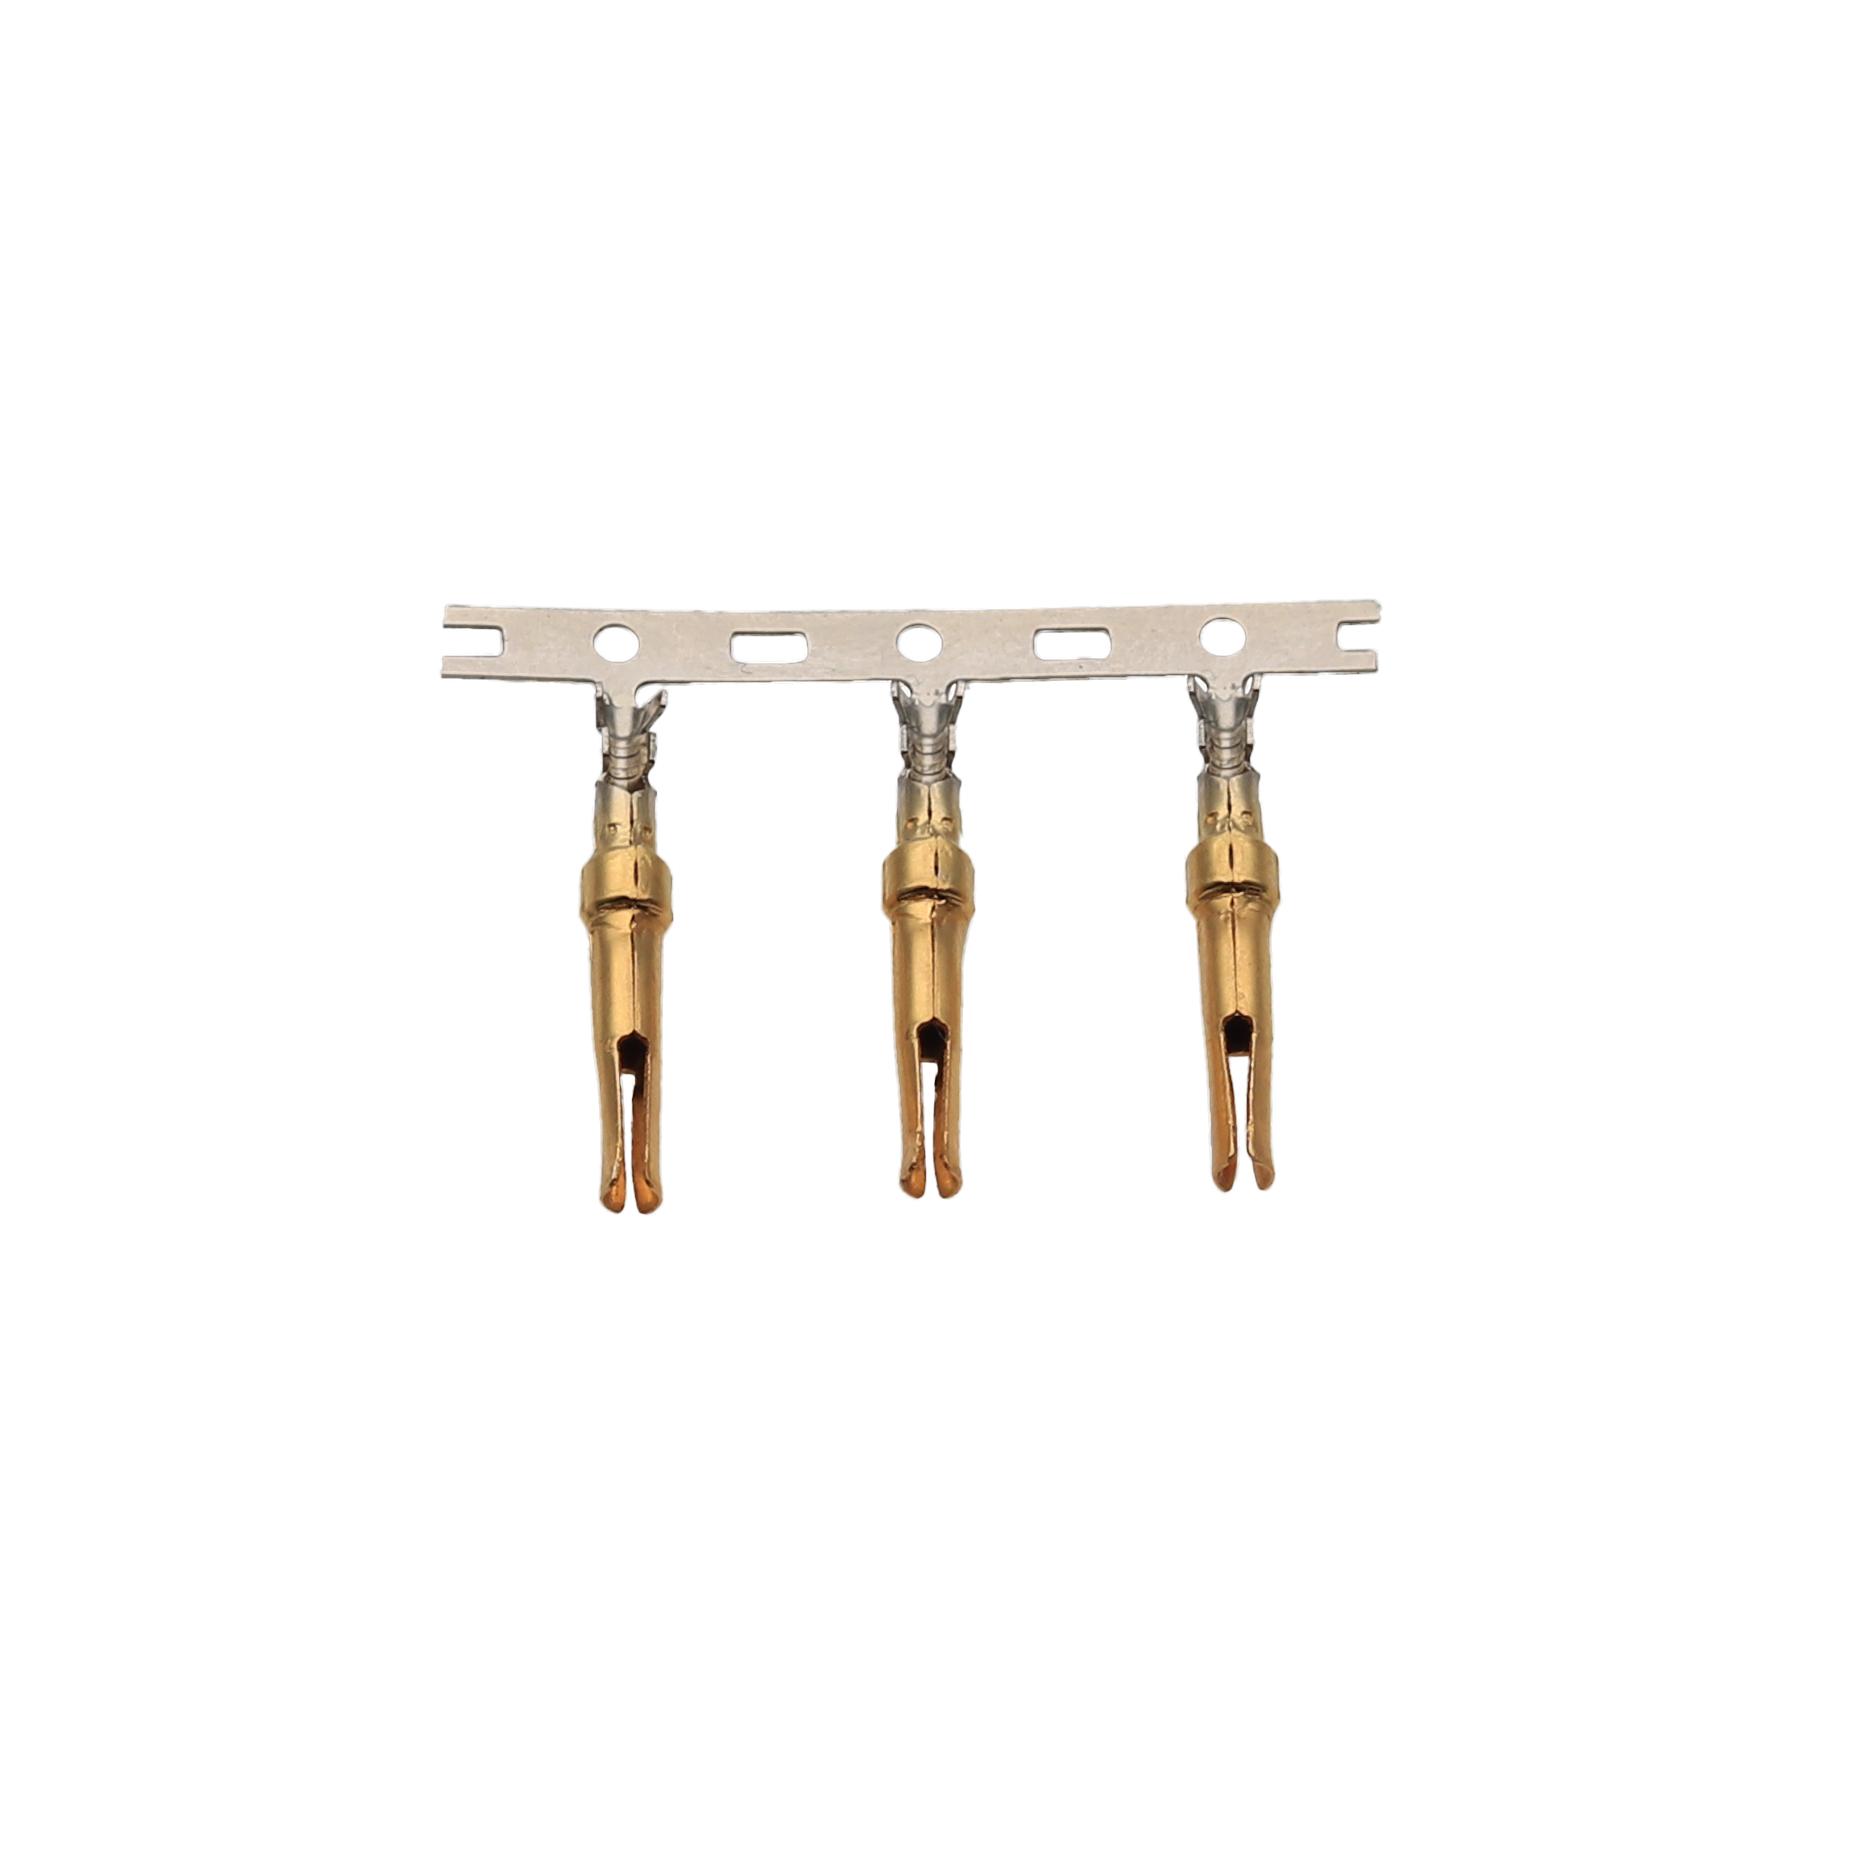 1.57開口母端 醫療接線端子 精密模具優質供應商志盈端子